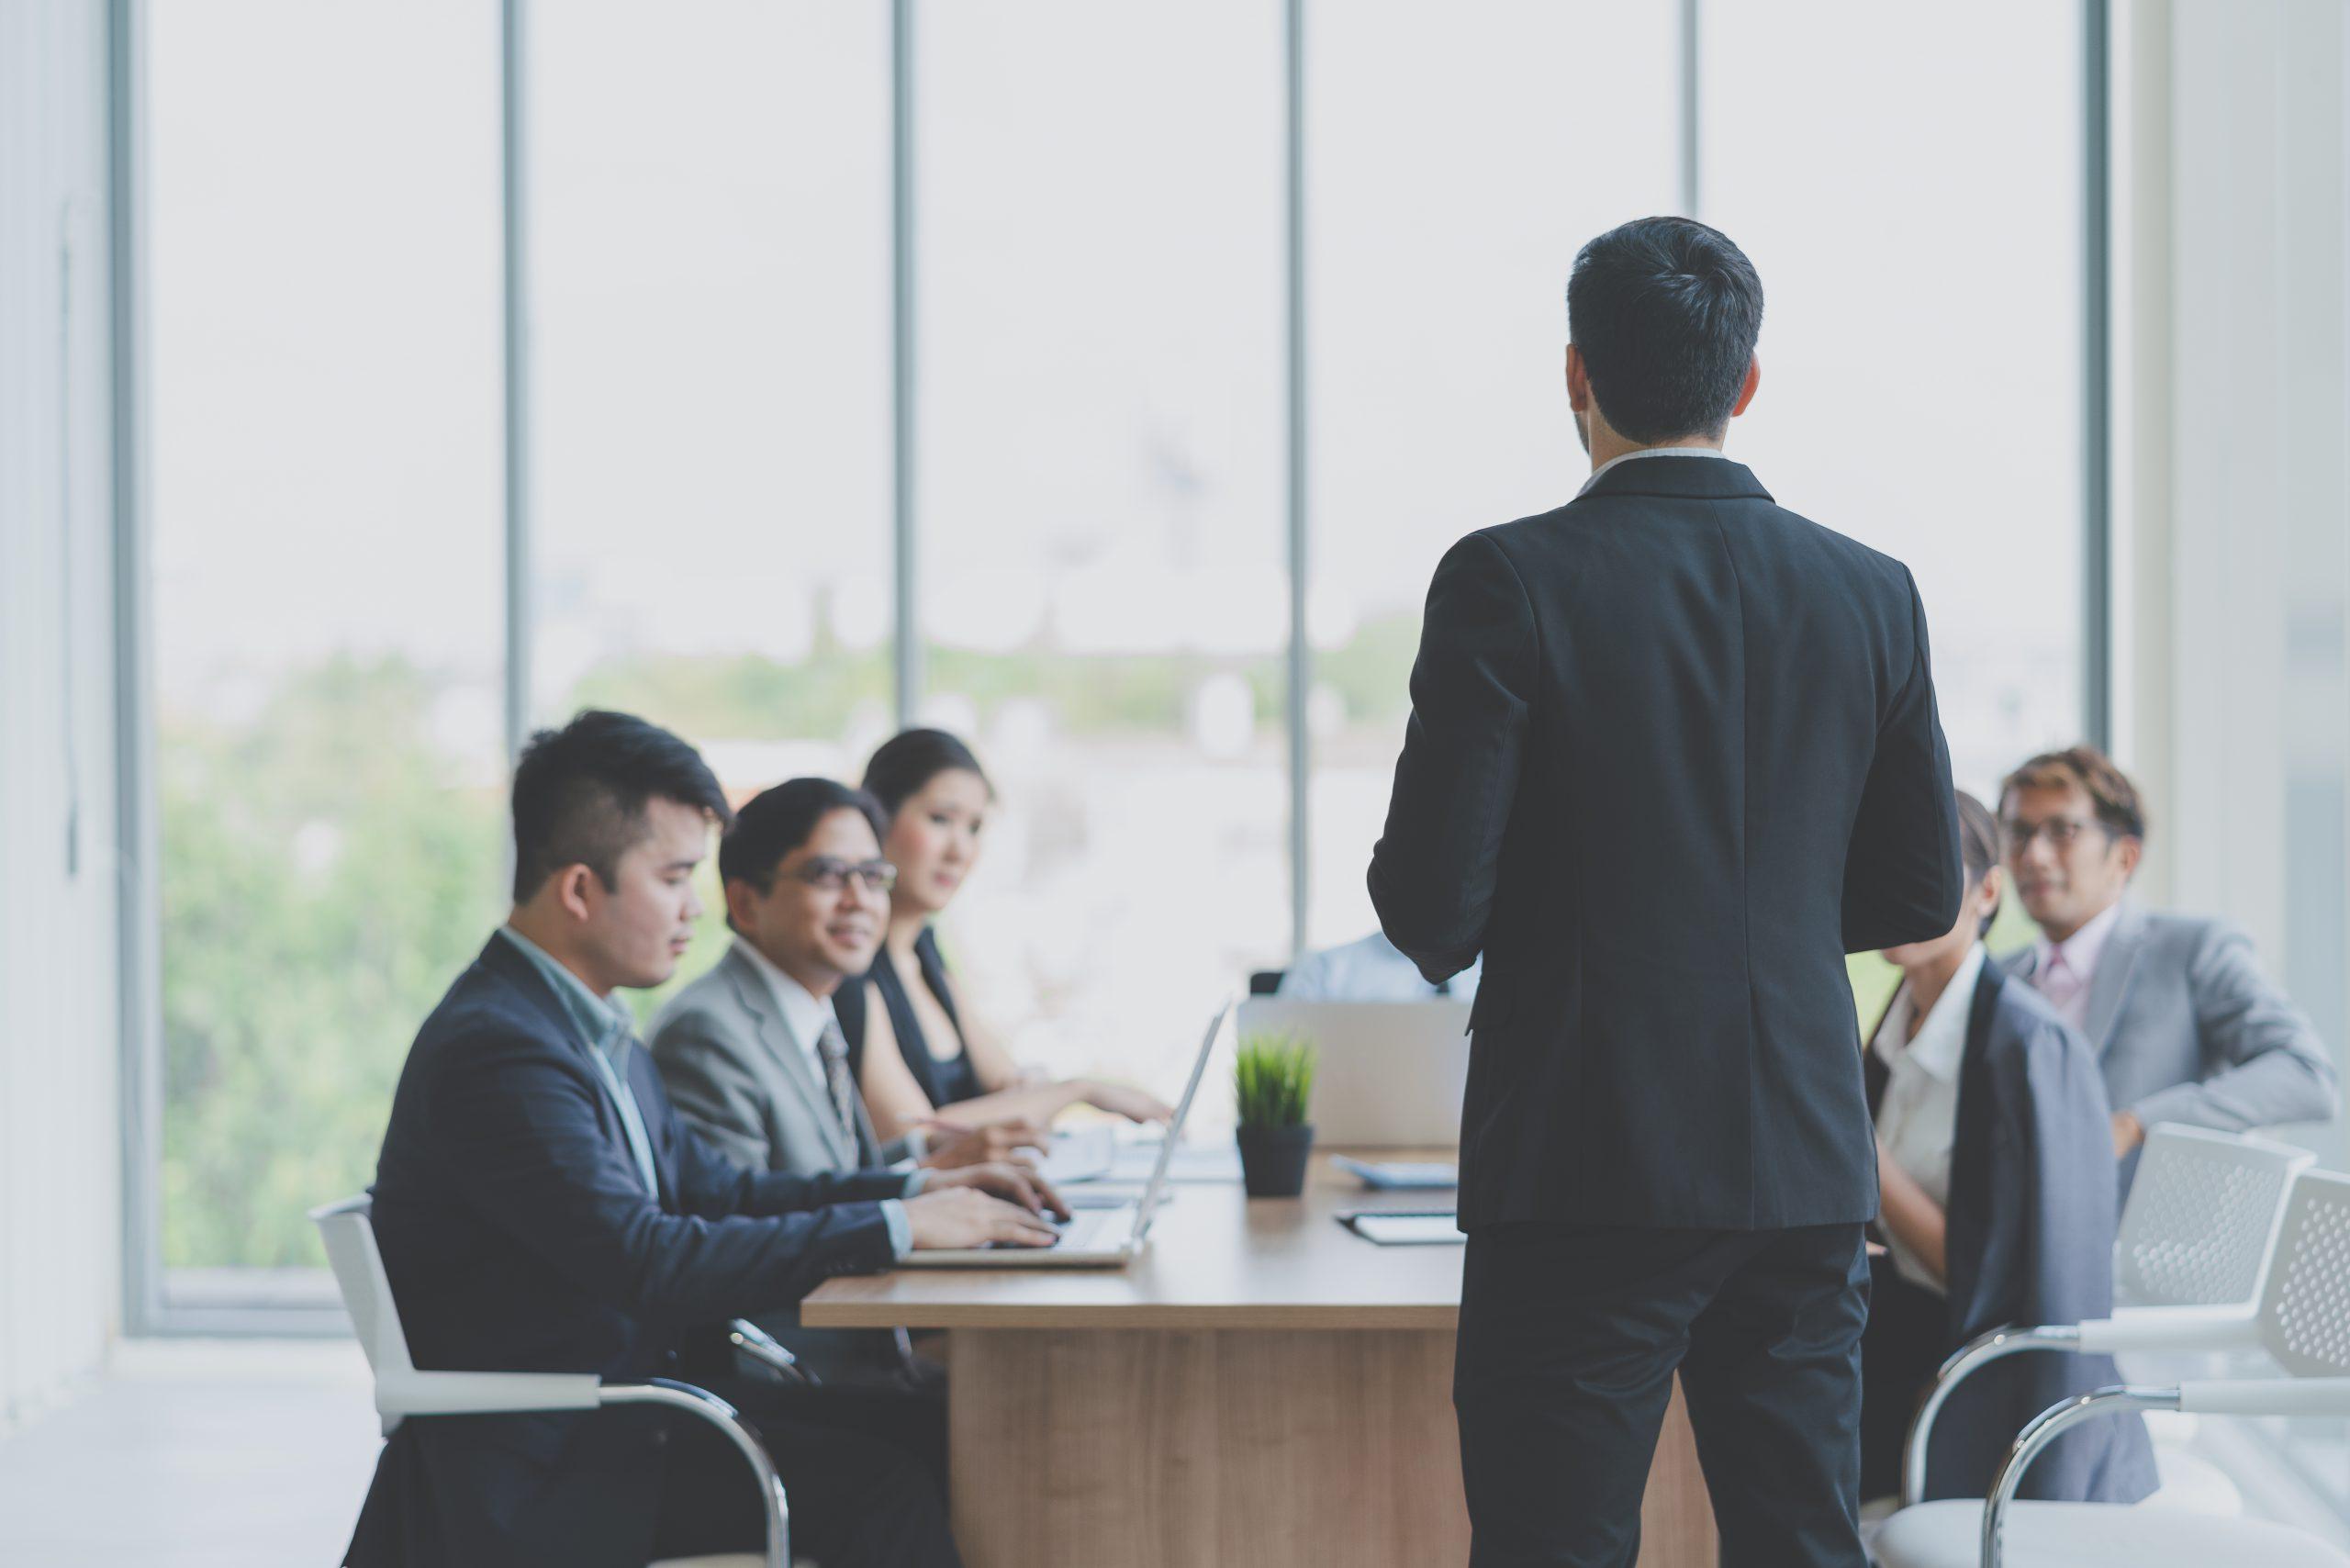 Chỉ tiêu đánh giá người quản lý quỹ hiệu quả